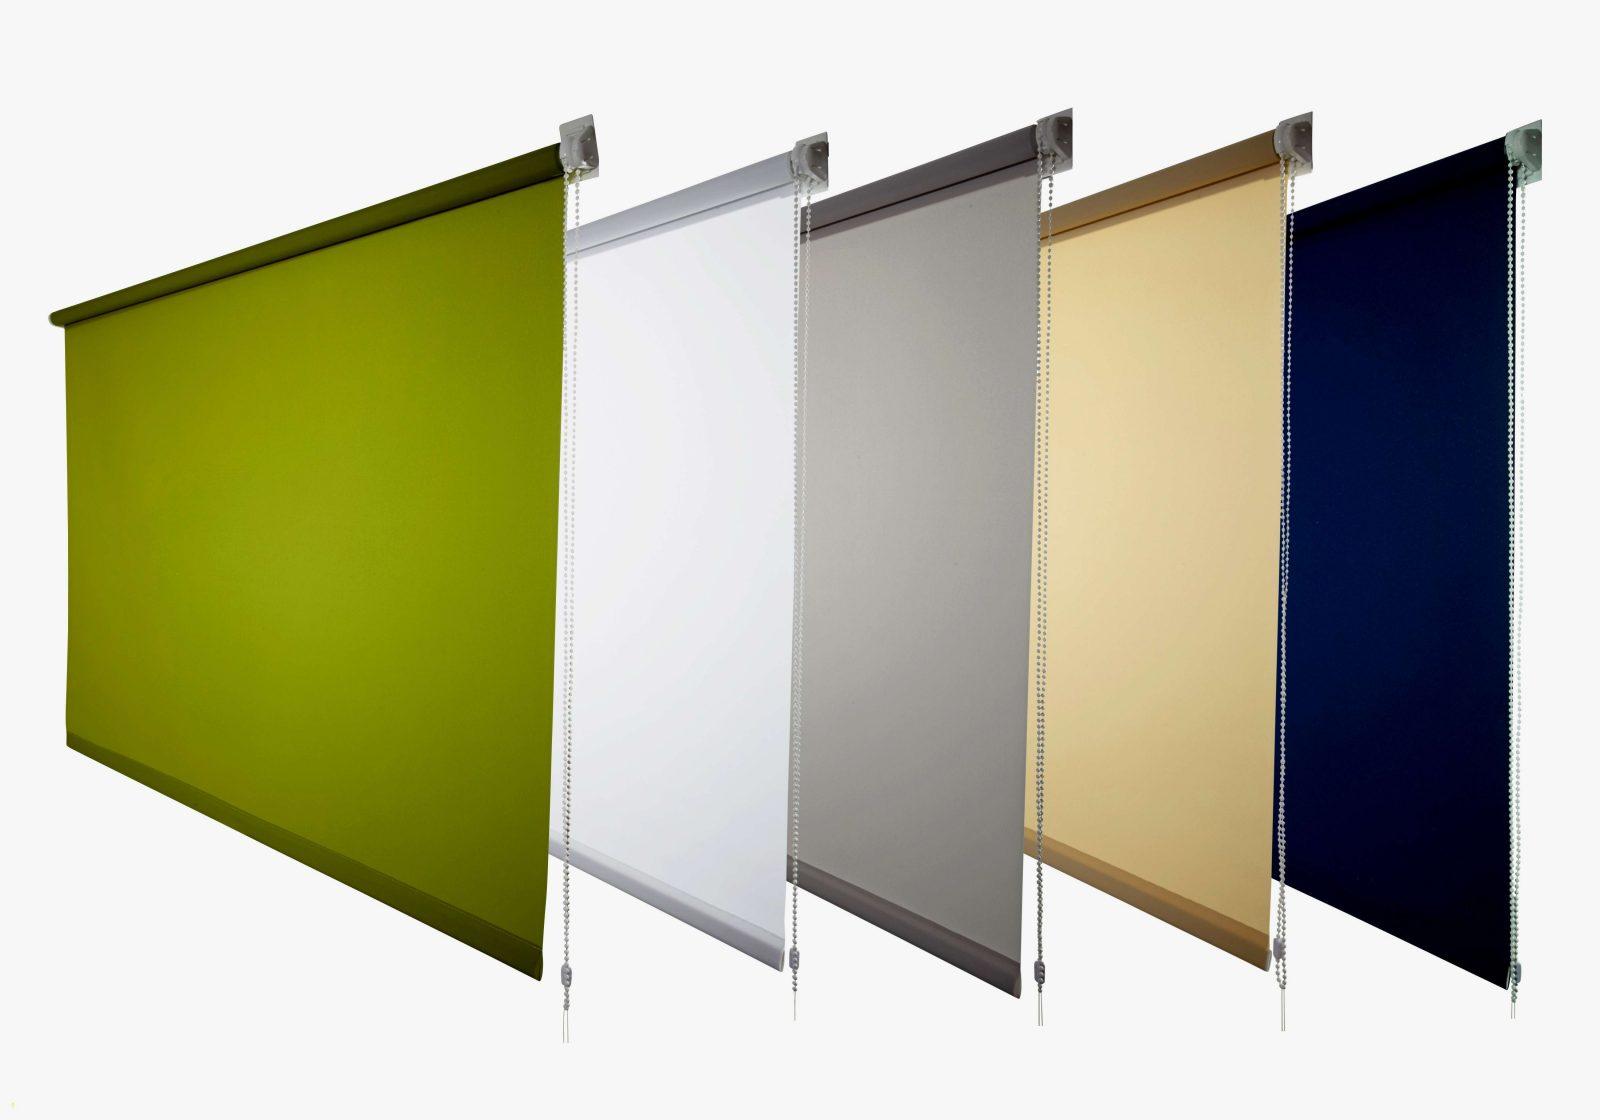 59 Einzigartig Für Balkon Sichtschutz Ohne Bohren Konzept von Sichtschutz Balkon Ohne Bohren Photo